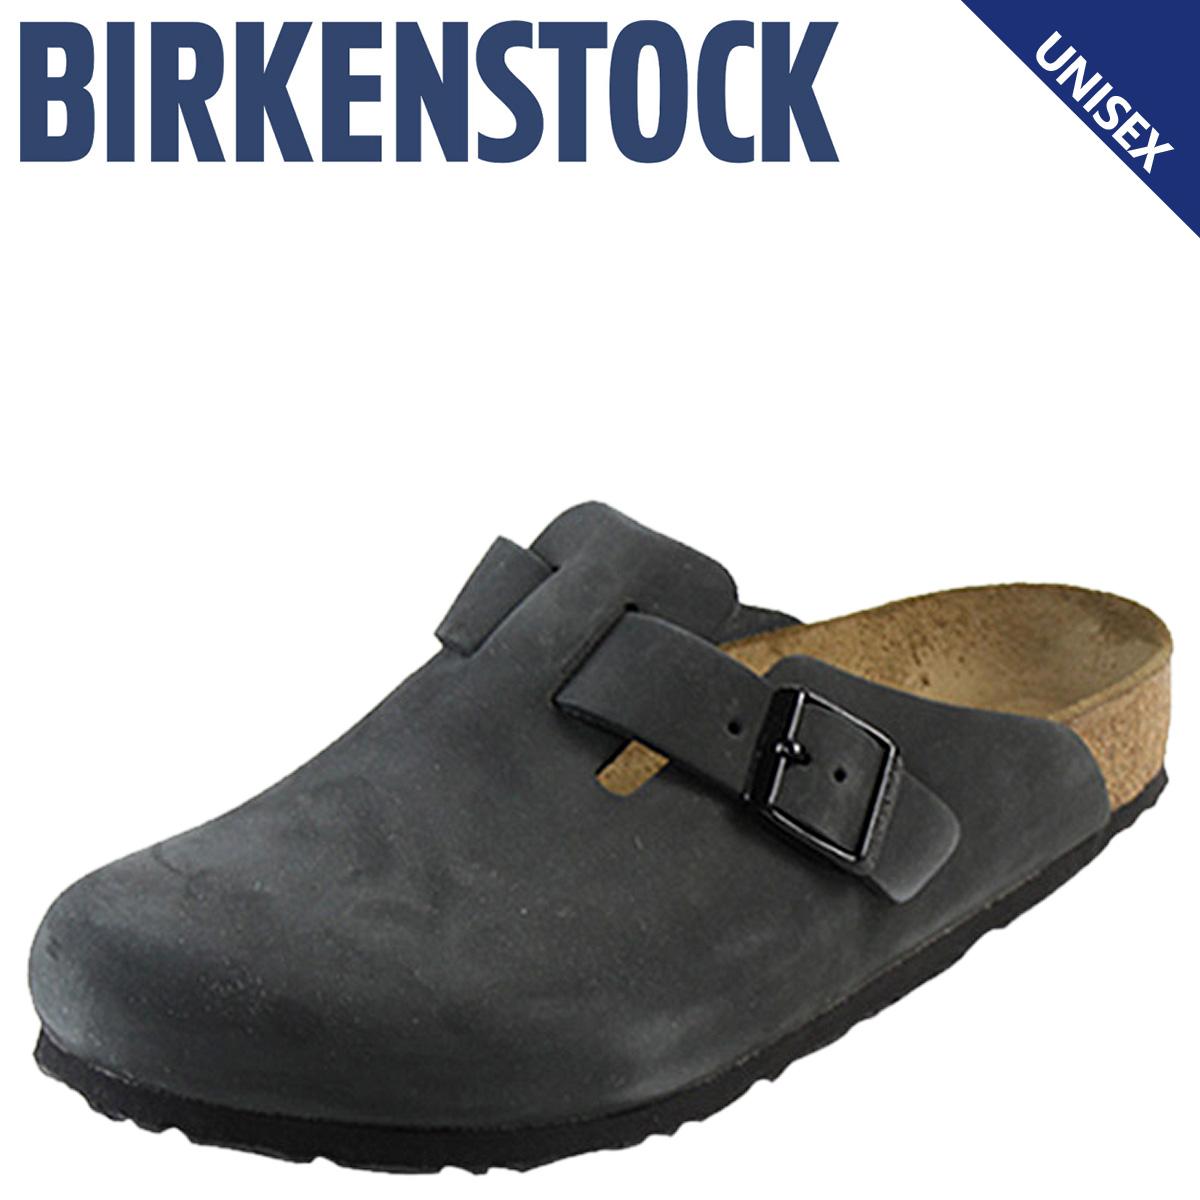 勃肯勃肯波士顿波士顿 [正常宽度磨砂、 棕色男装女装凉鞋室内鞋